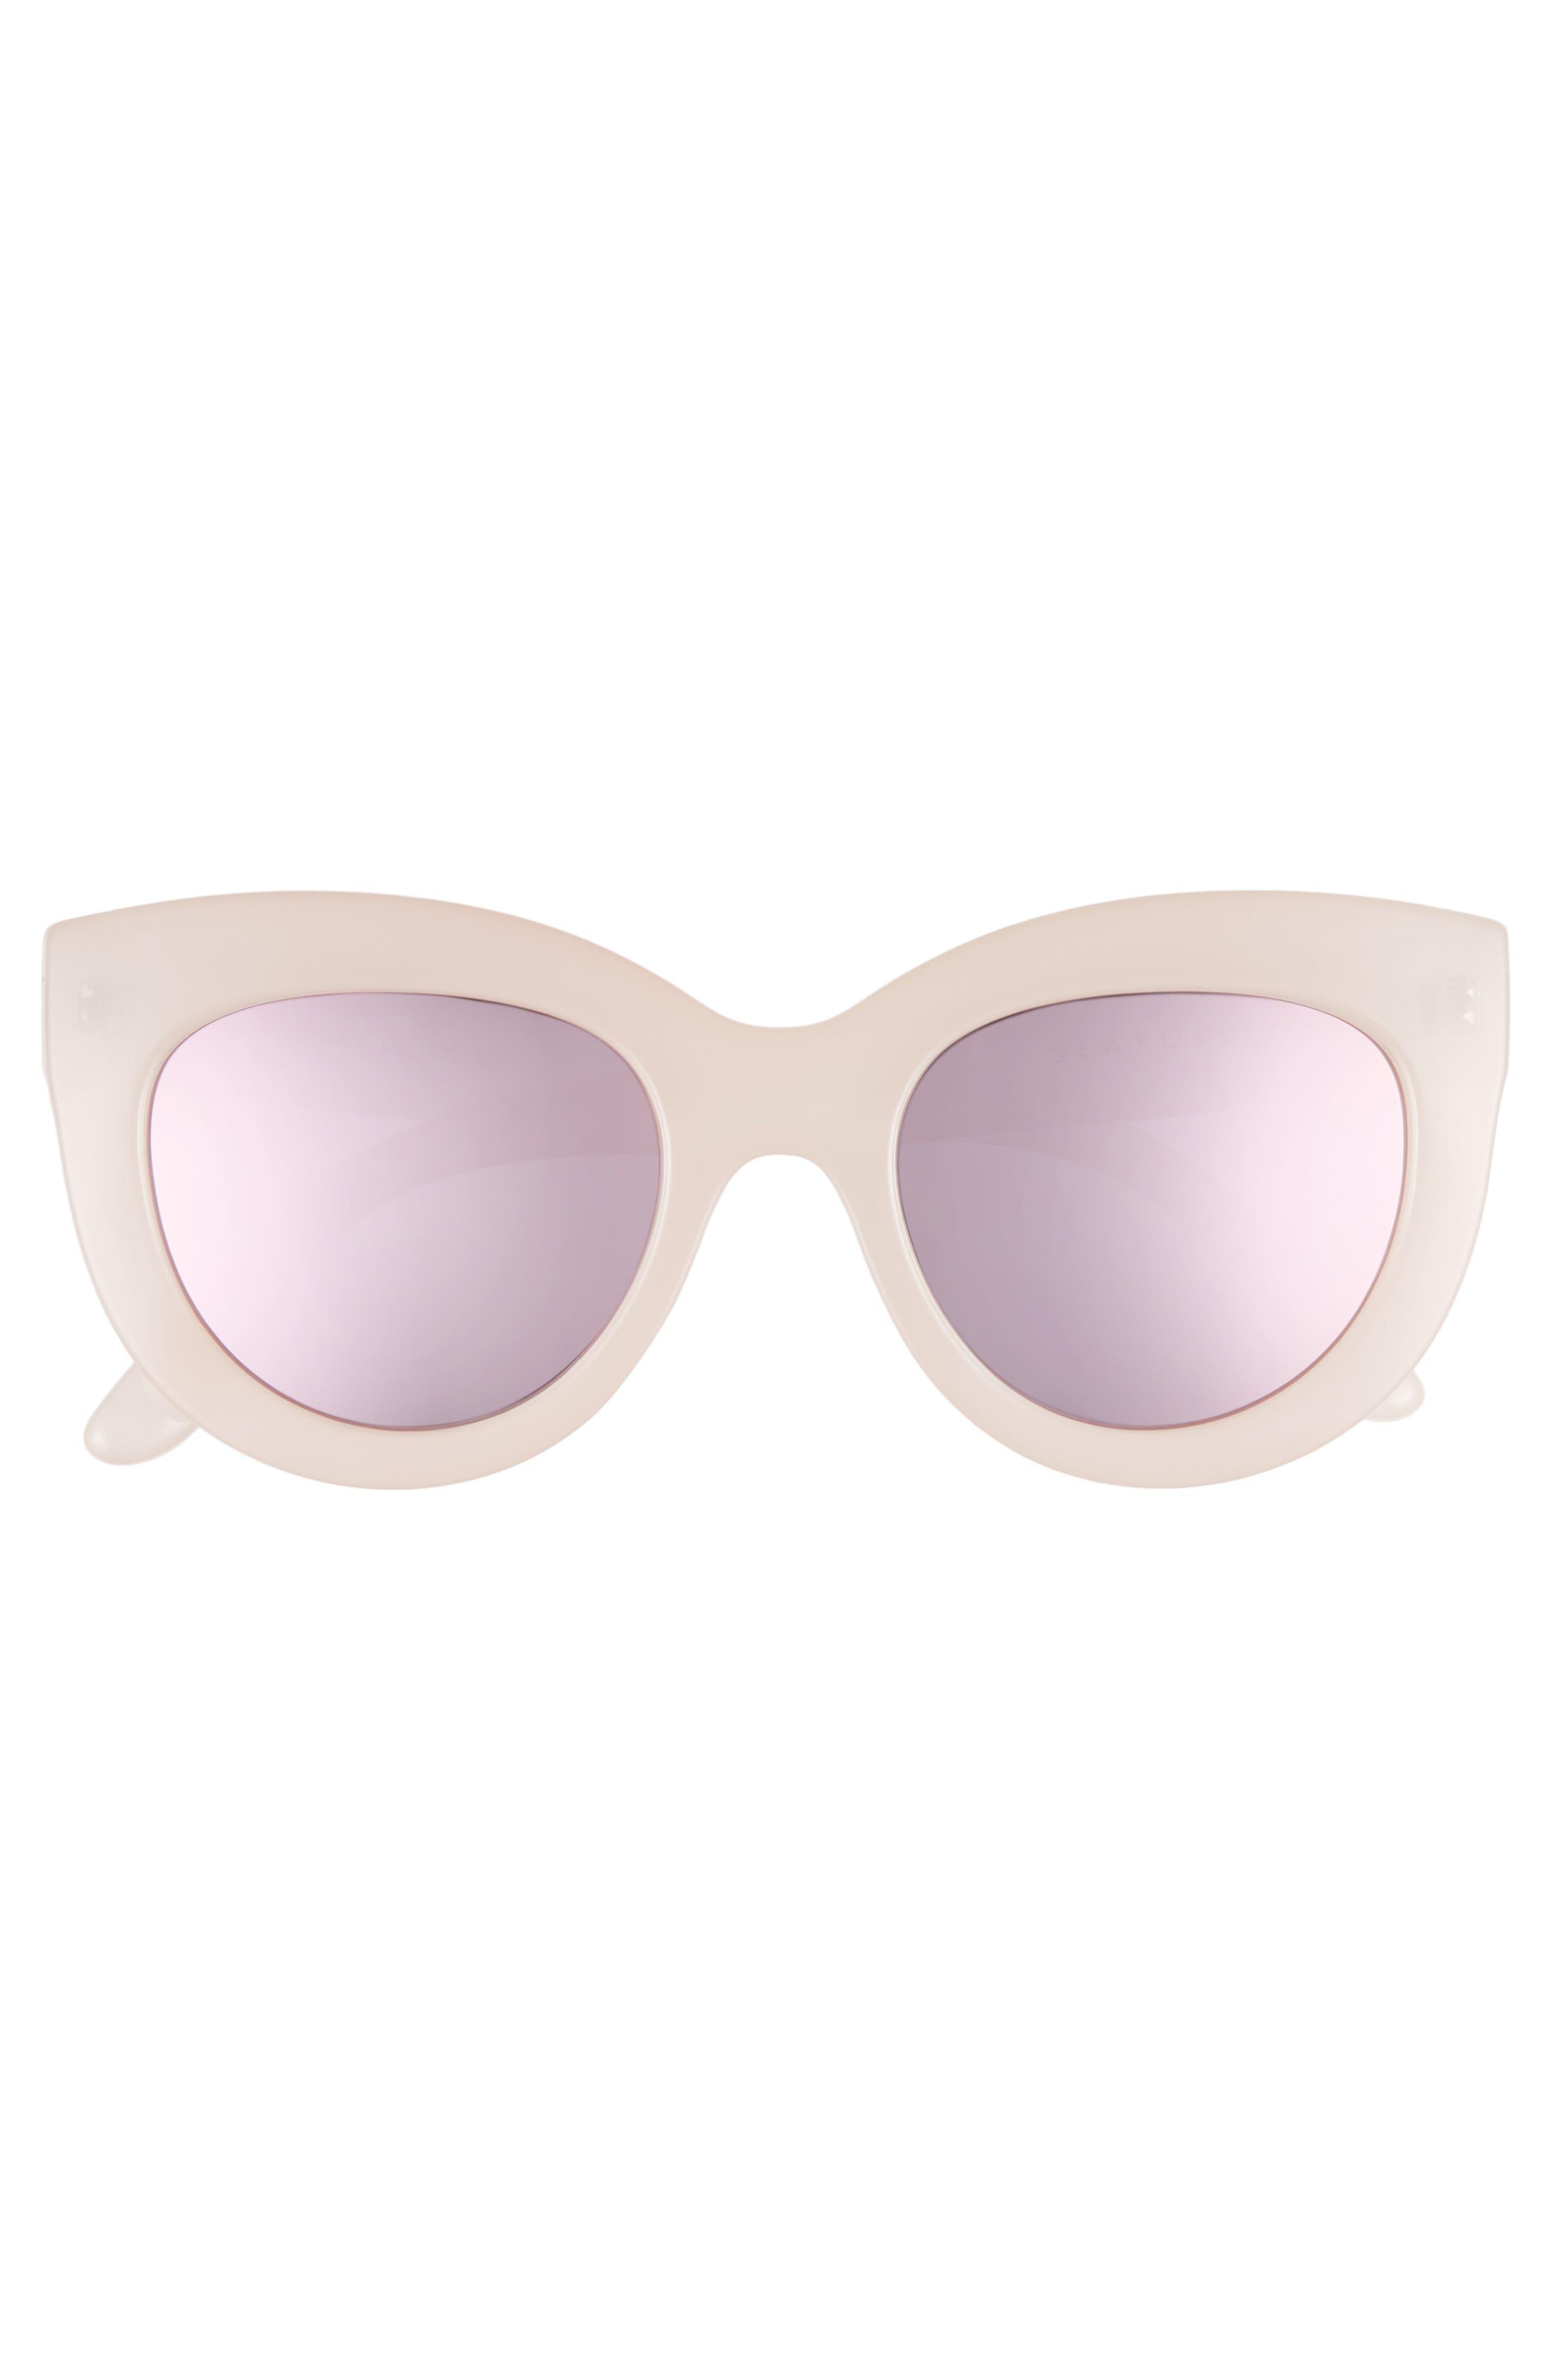 Torola V2 51mm Cat Eye Sunglasses,                             Alternate thumbnail 3, color,                             660